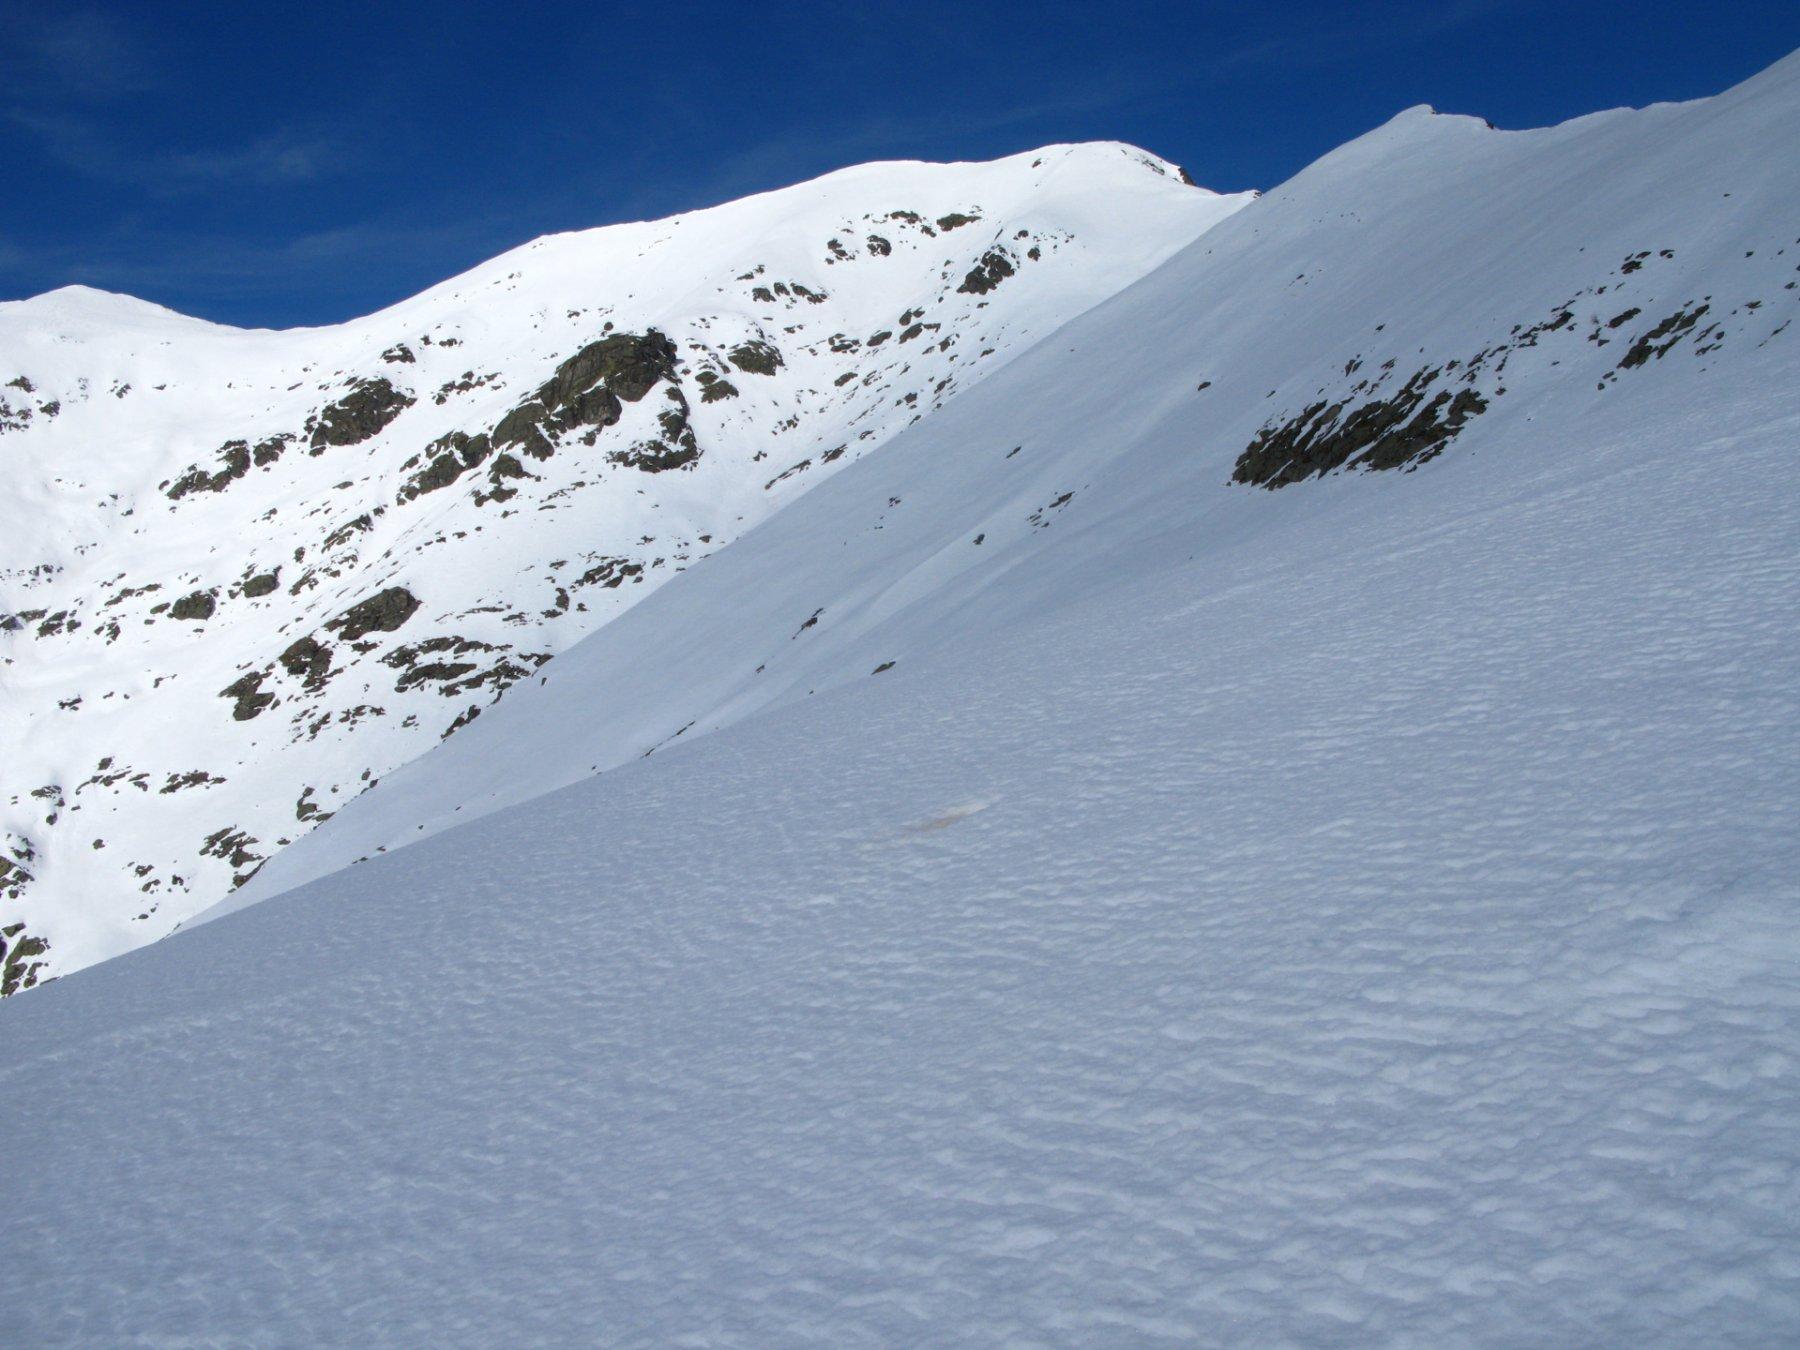 Monte Frioland osservato durante la salita al Colle delle Porte